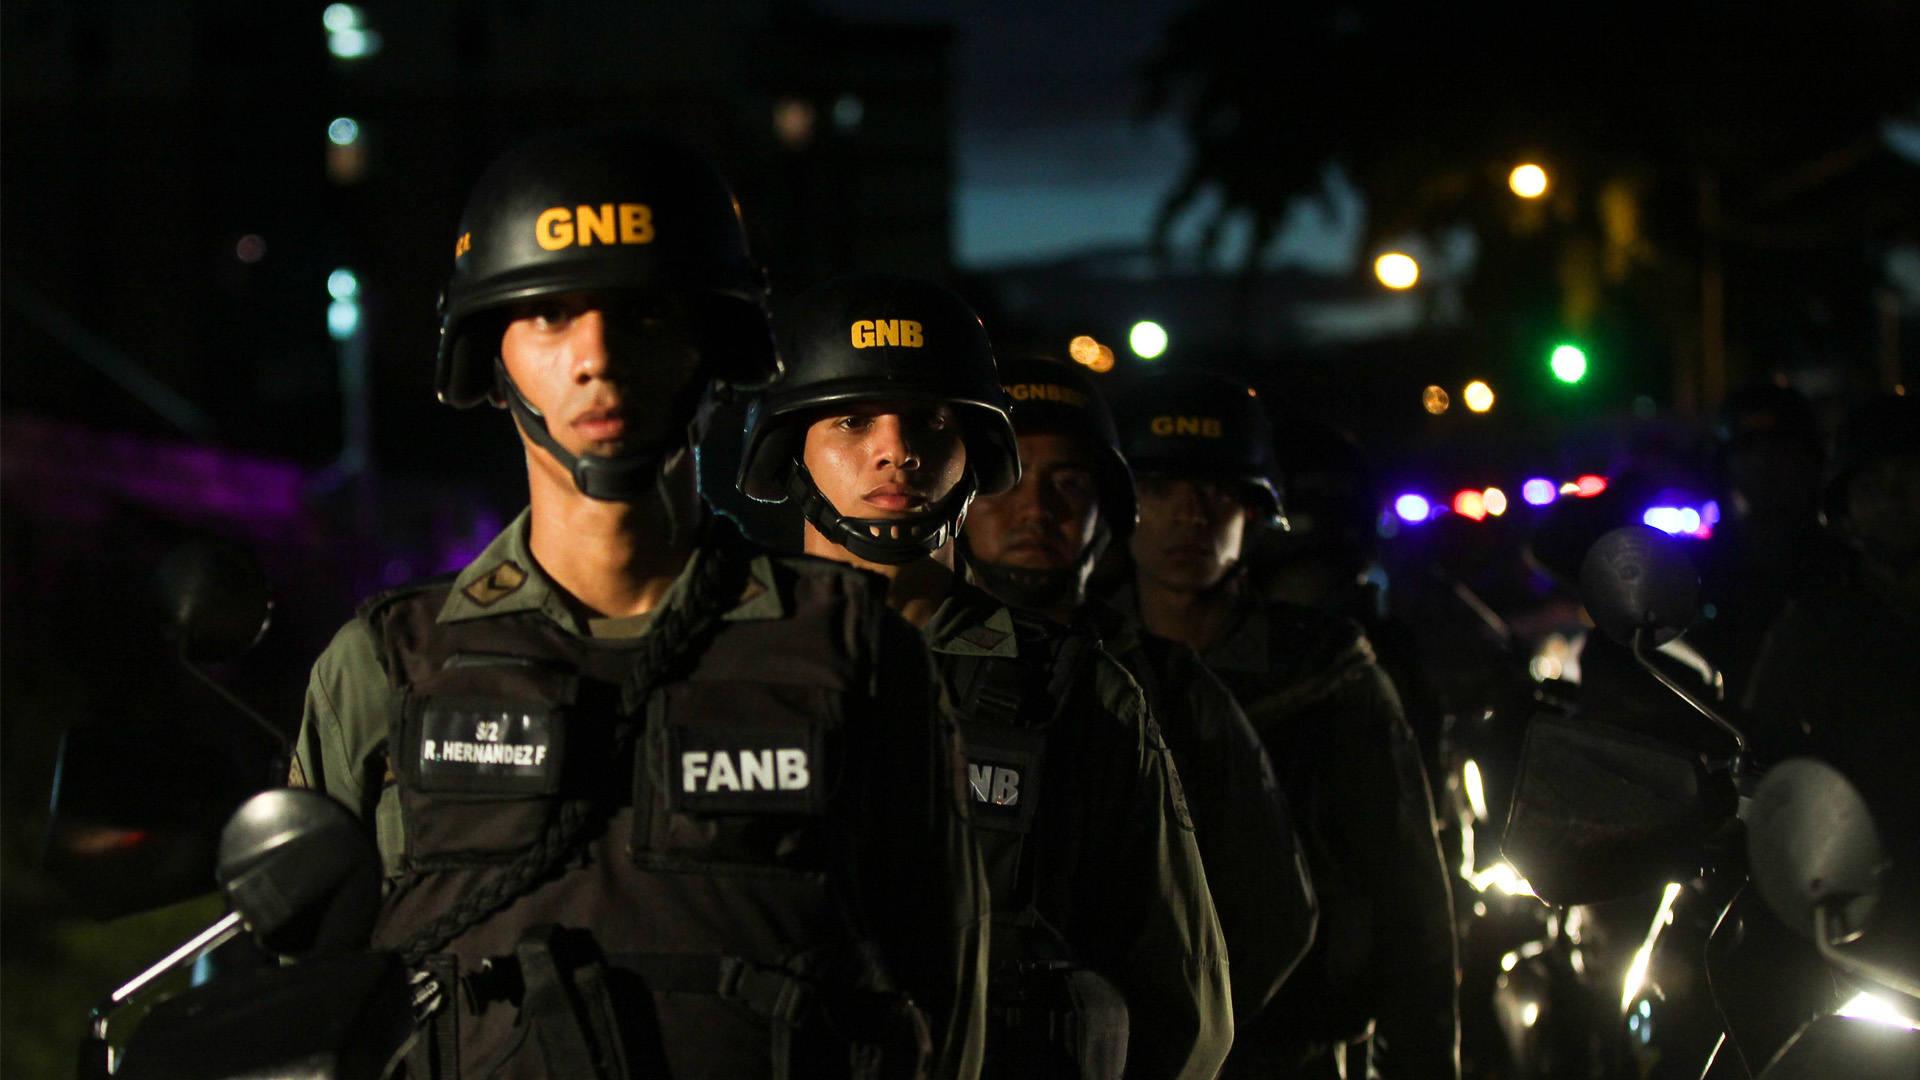 Operativos de seguridad combinados entre varios entes de seguridad, buscarán disminuir los delitos en Caracas